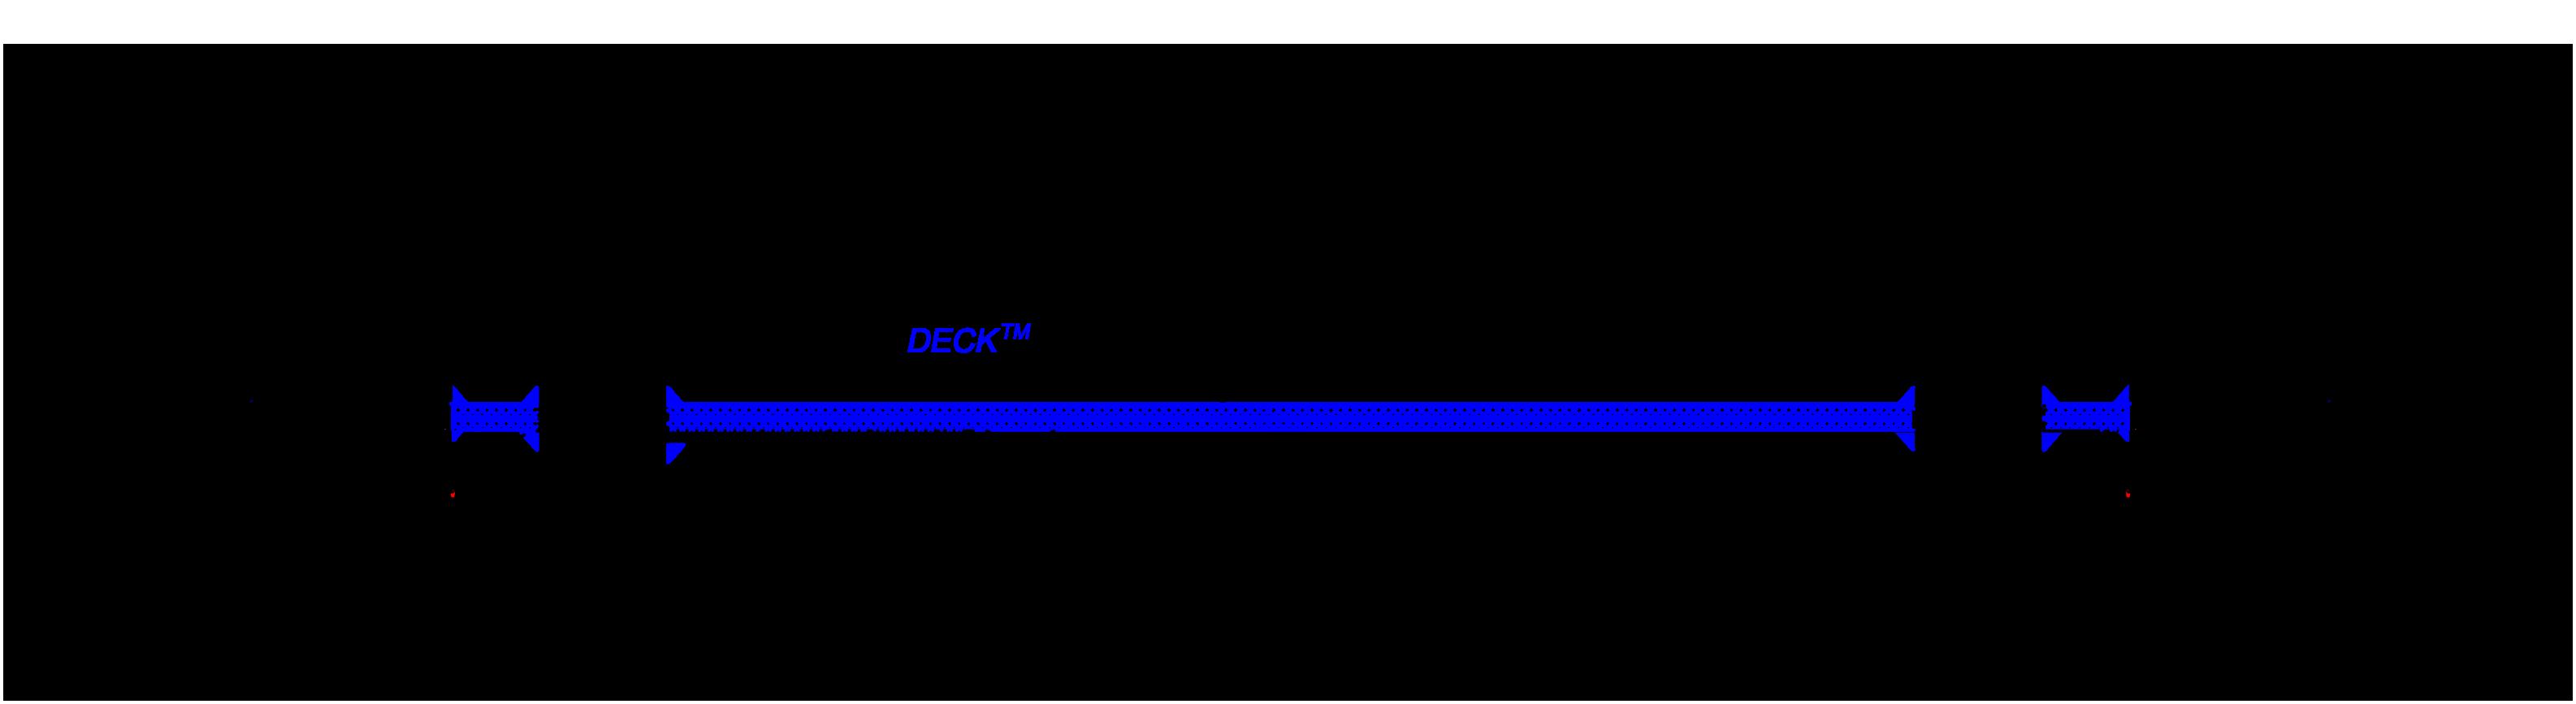 hushcore-economy-model